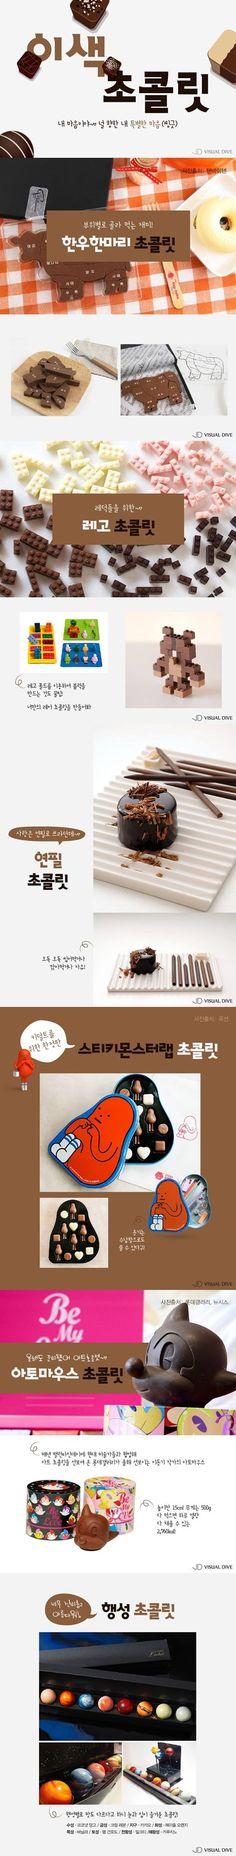 1년 중 가장 달콤한 밸런타인데이 위한 '이색 초콜릿 6' [카드뉴스] #chocolate / #cardnews ⓒ 비주얼다이브 무단 복사·전재·재배포 금지